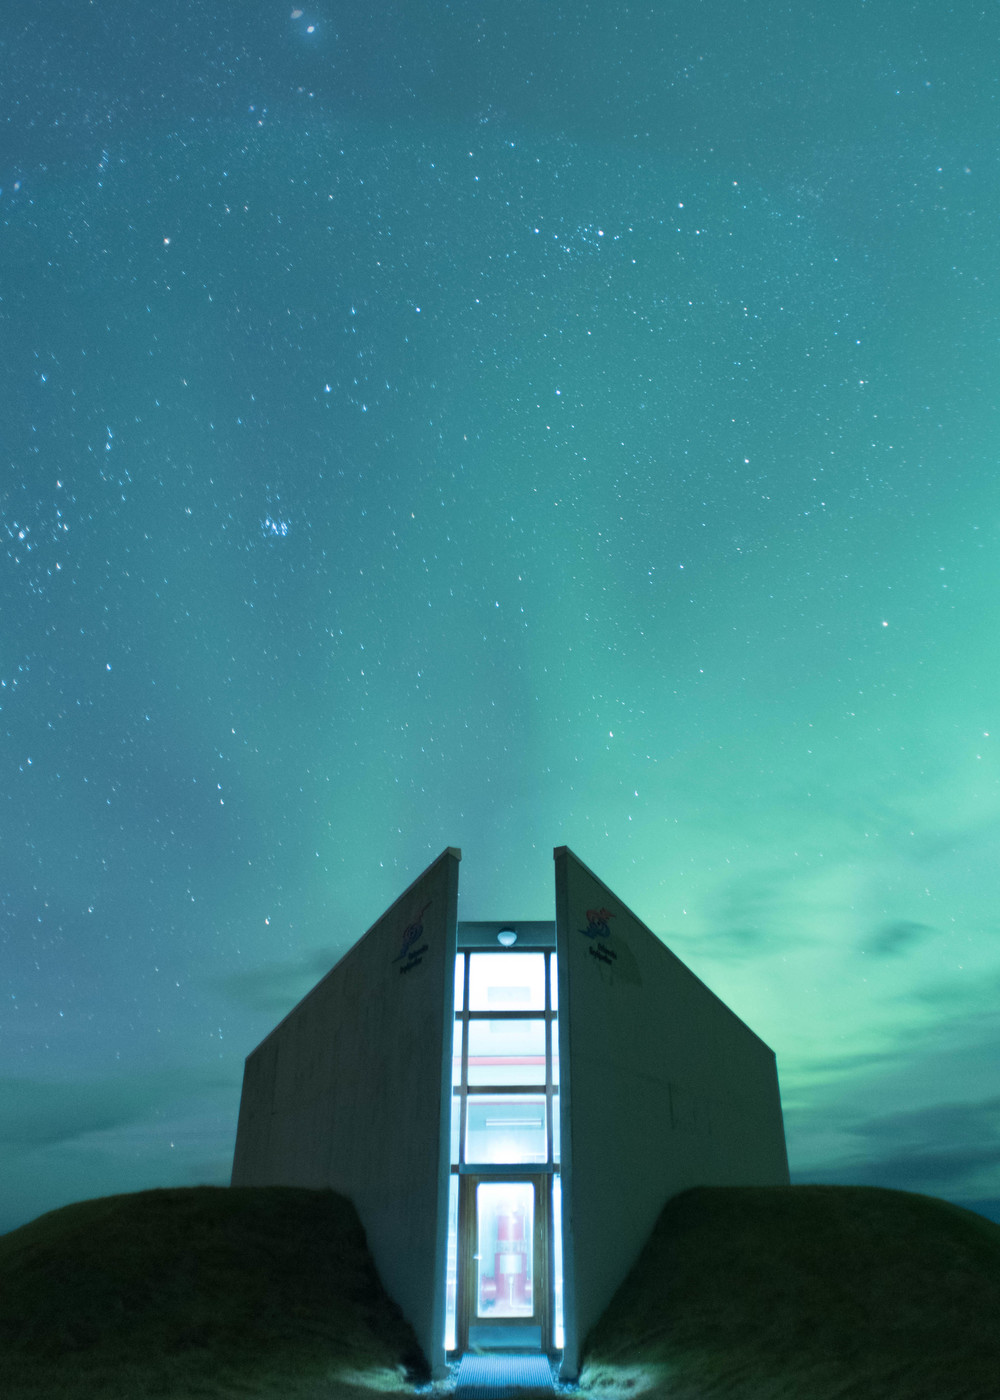 Spaceship aurora